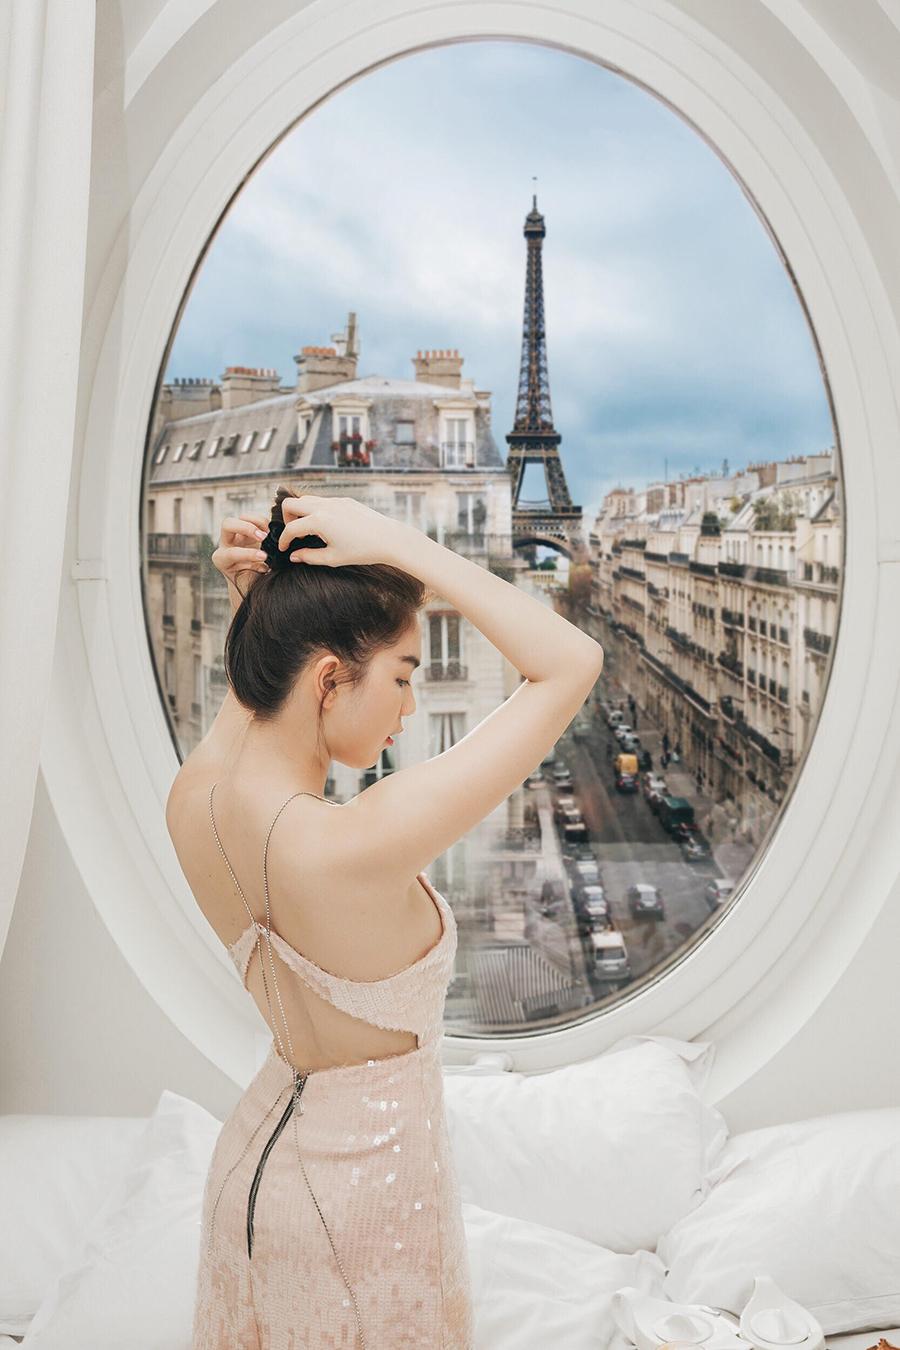 Ngọc Trinh nóng bỏng đón bình minh từ khách sạn sang chảnh bậc nhất nước Pháp 6